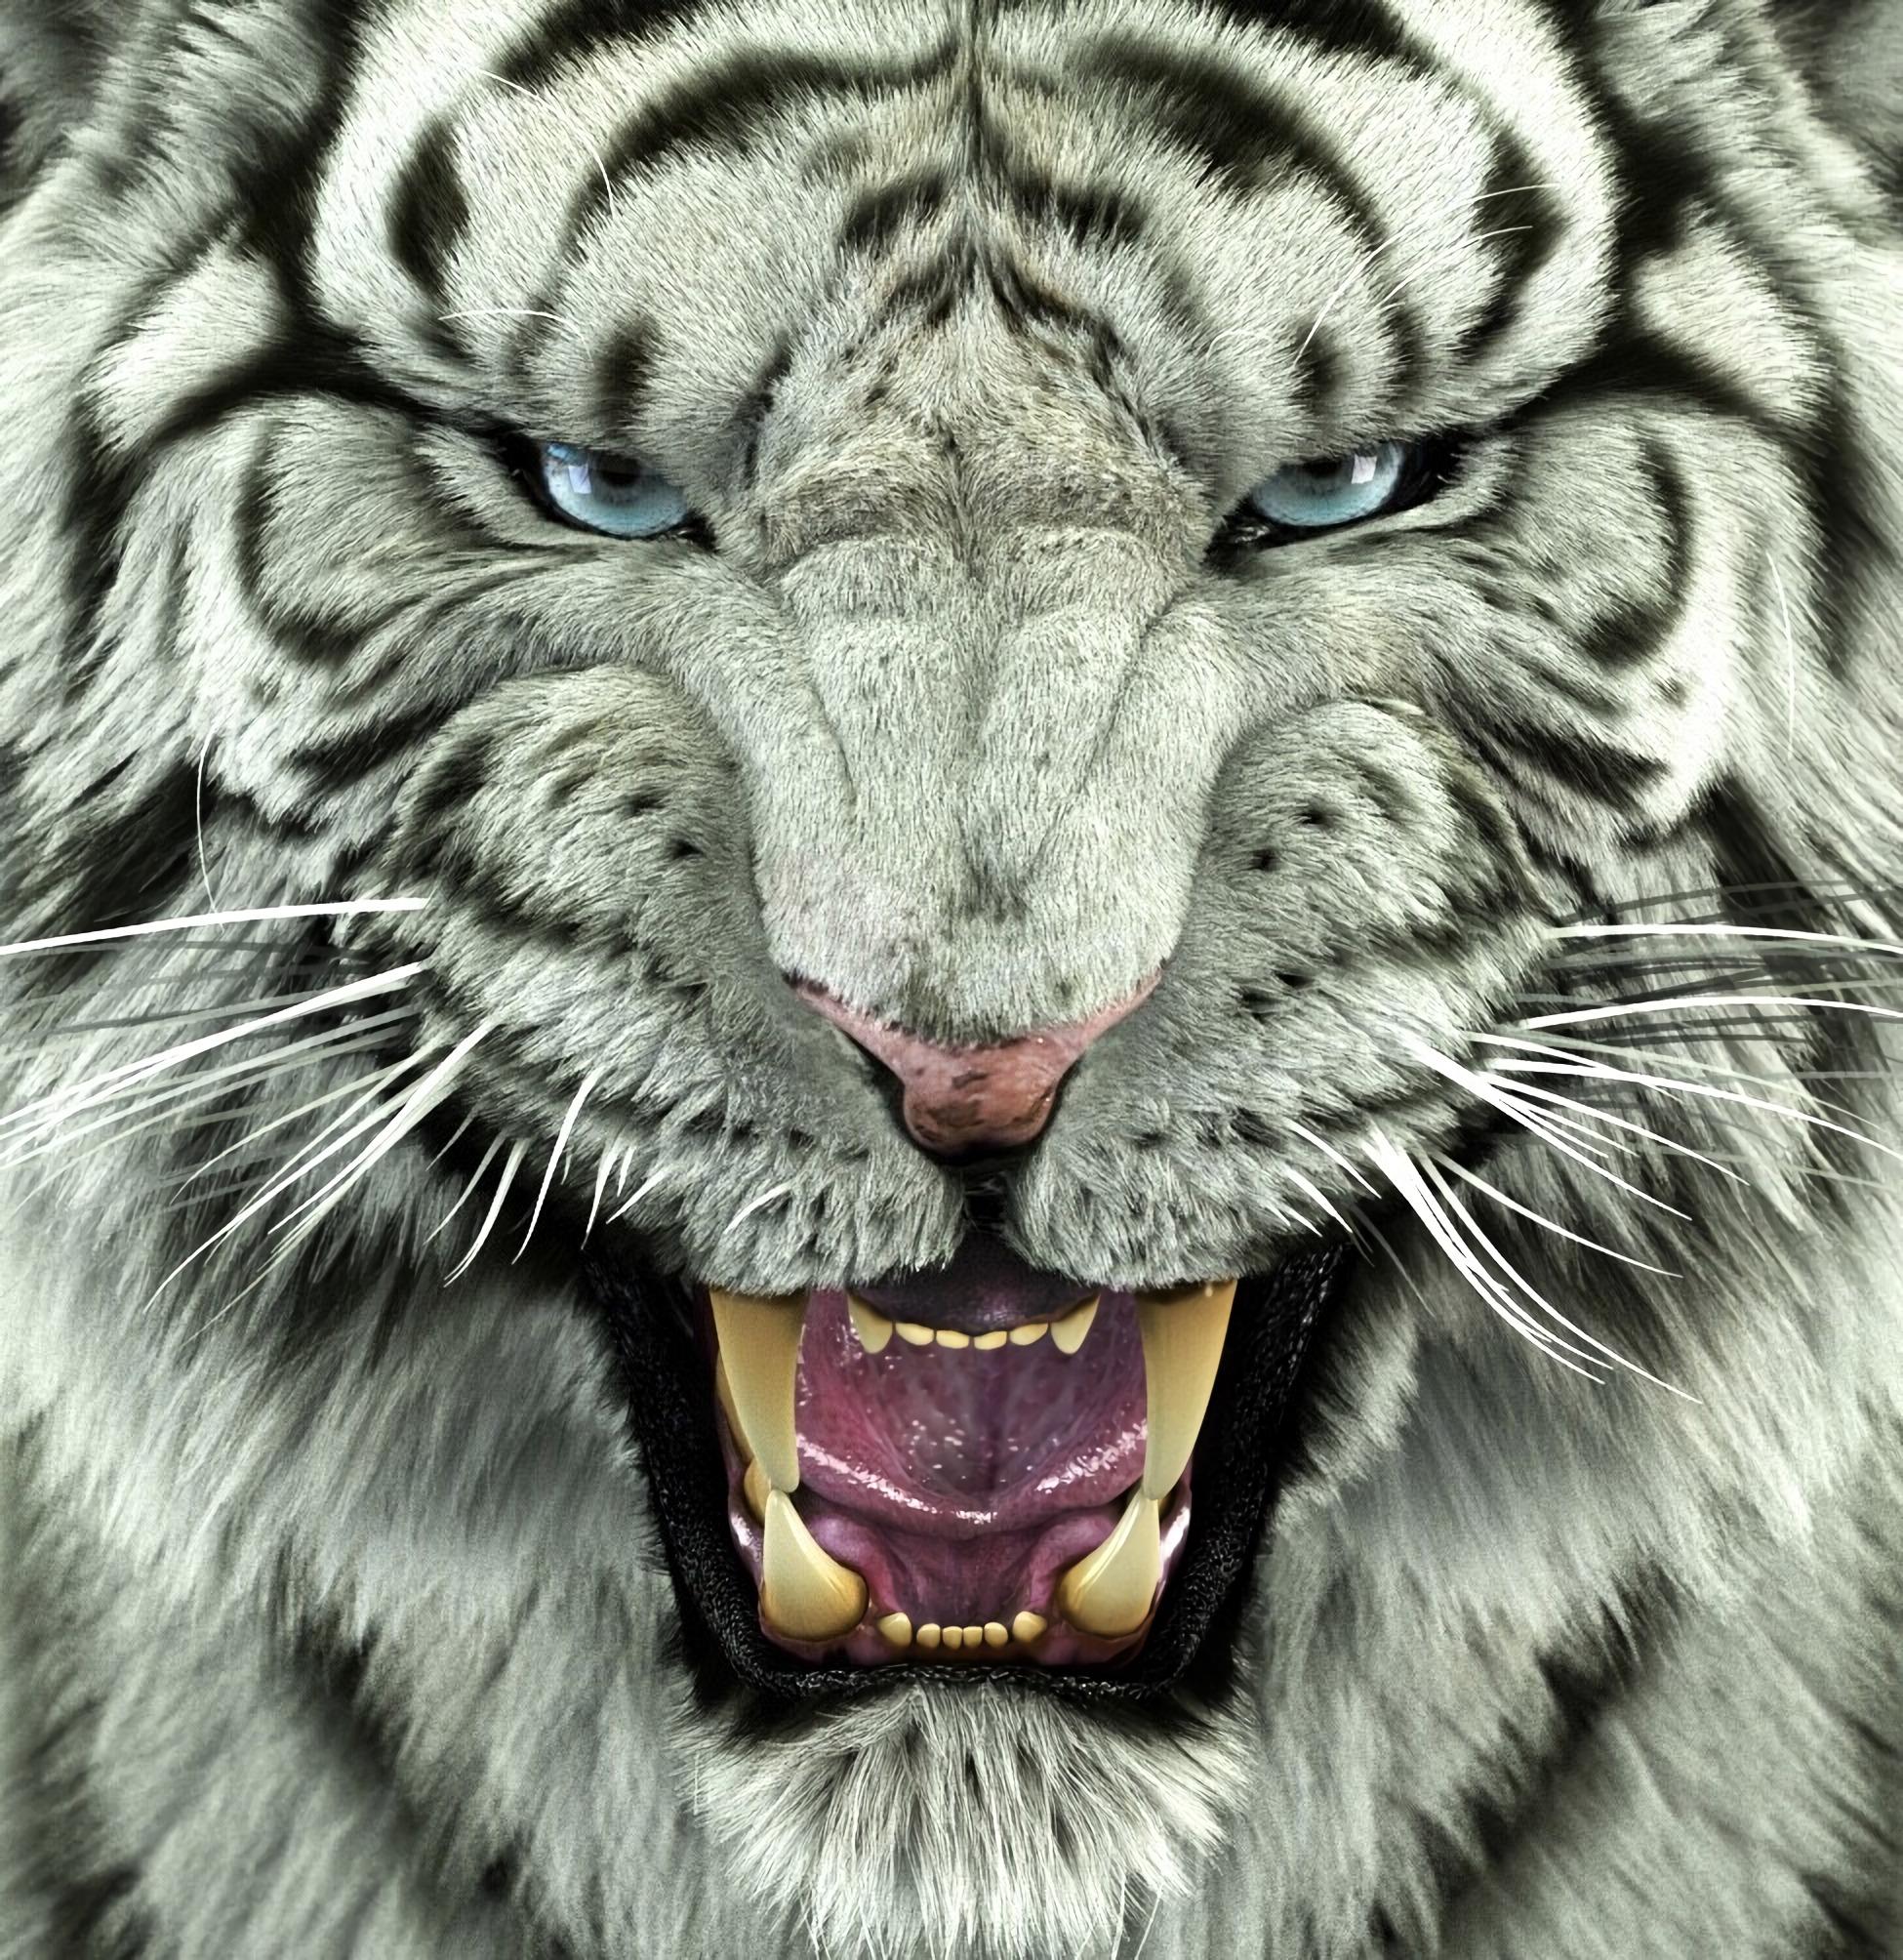 62495 обои 240x320 на телефон бесплатно, скачать картинки Хищник, Большая Кошка, Животные, Тигр, Бенгальский Тигр 240x320 на мобильный